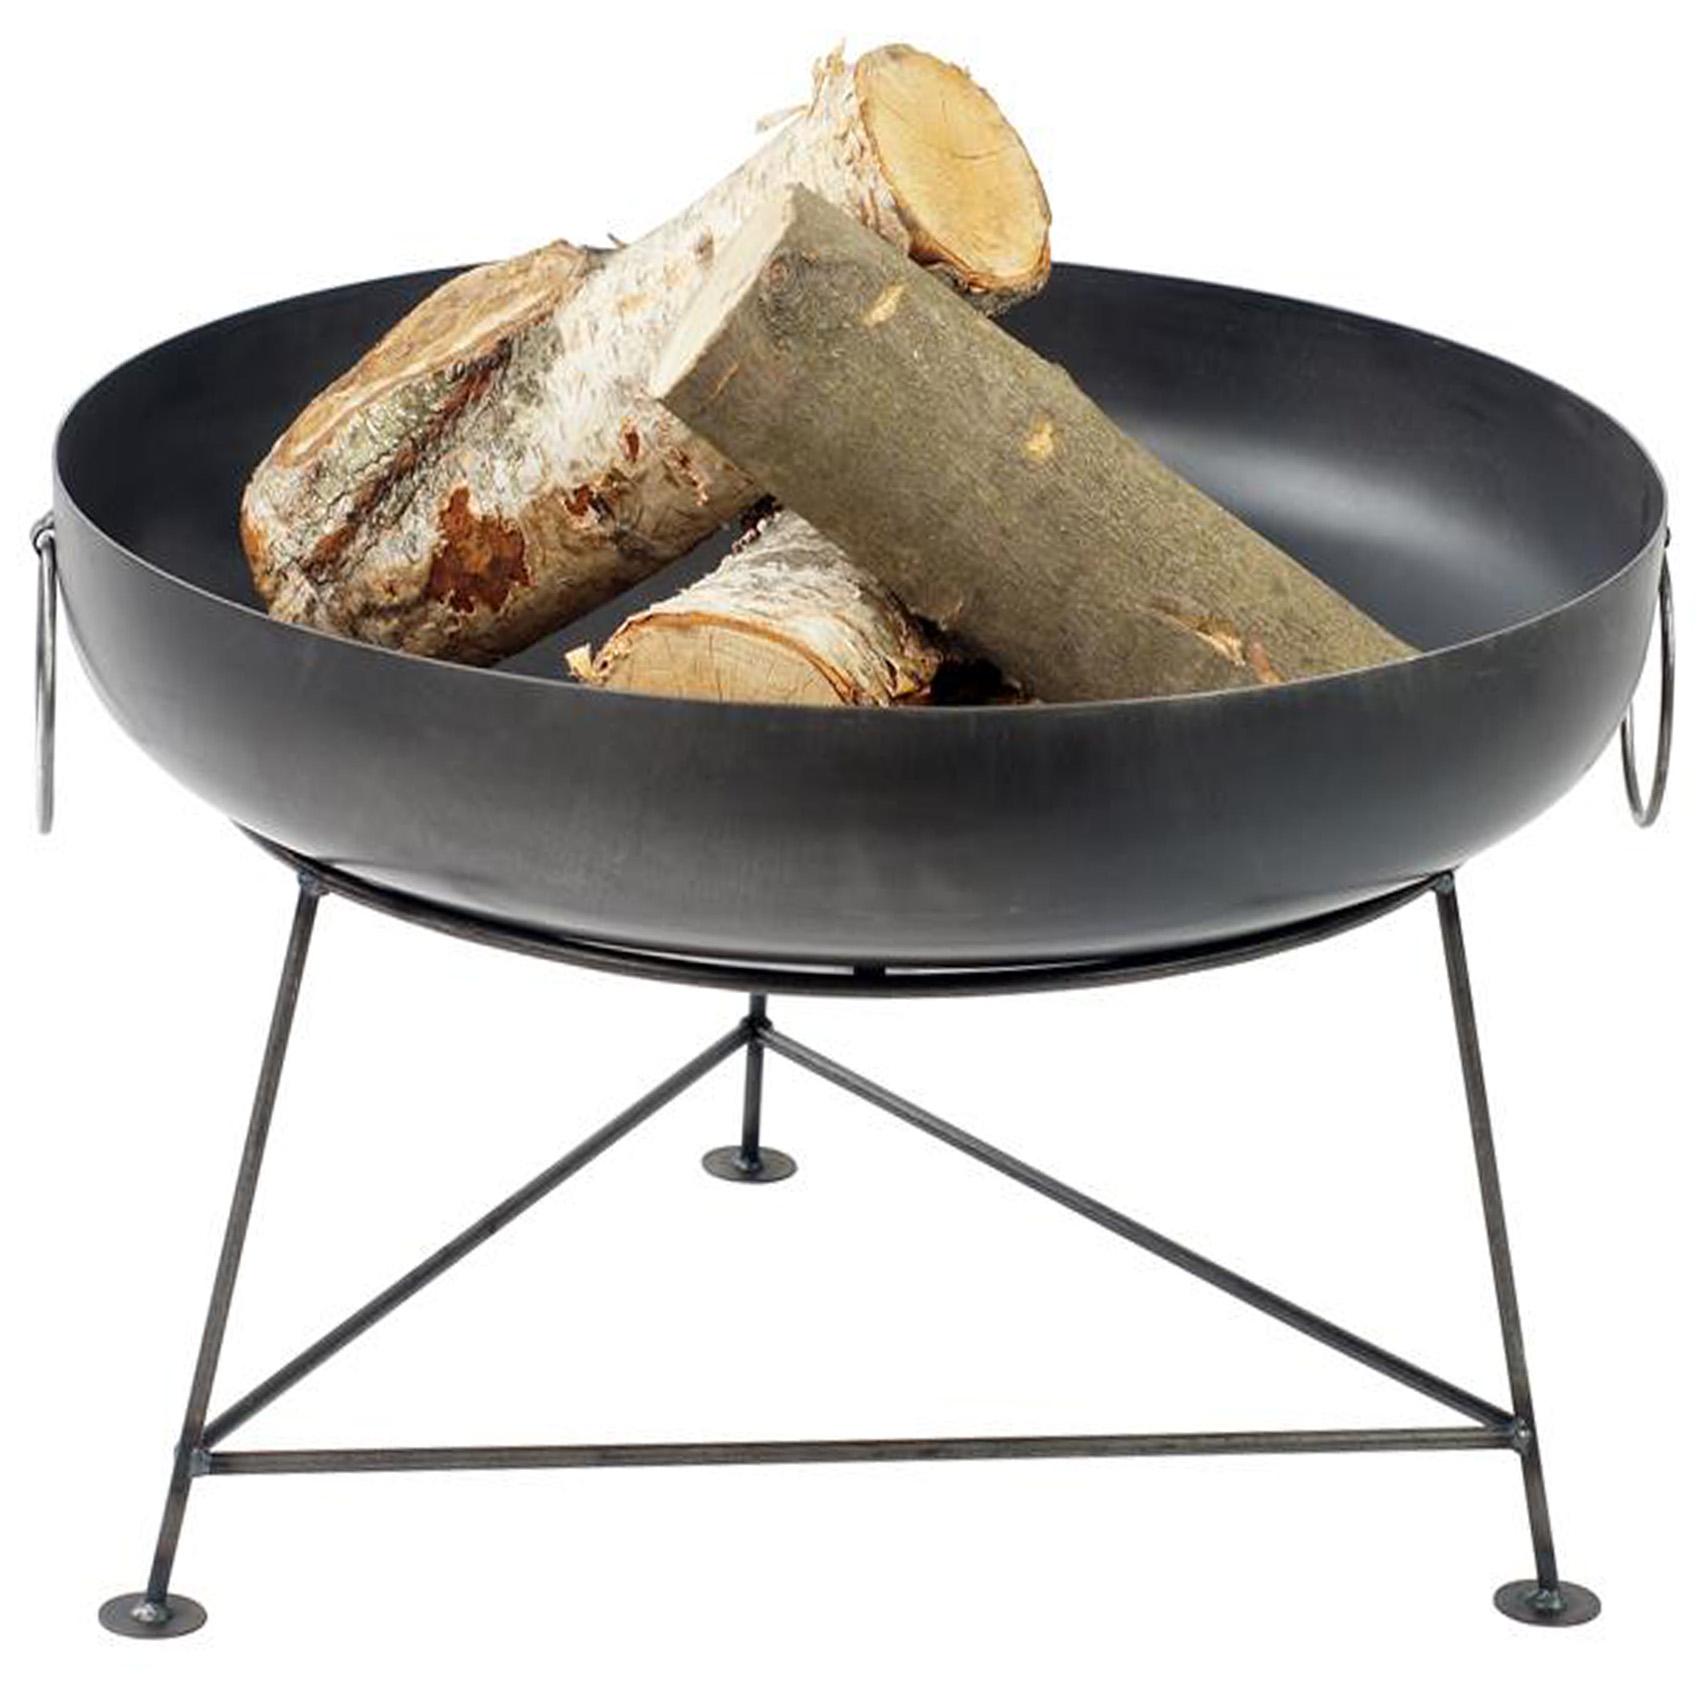 Feuerschale mit Deckel 60cm Feuerkorb Pflanzschale Grillschale Grill Lagerfeuer